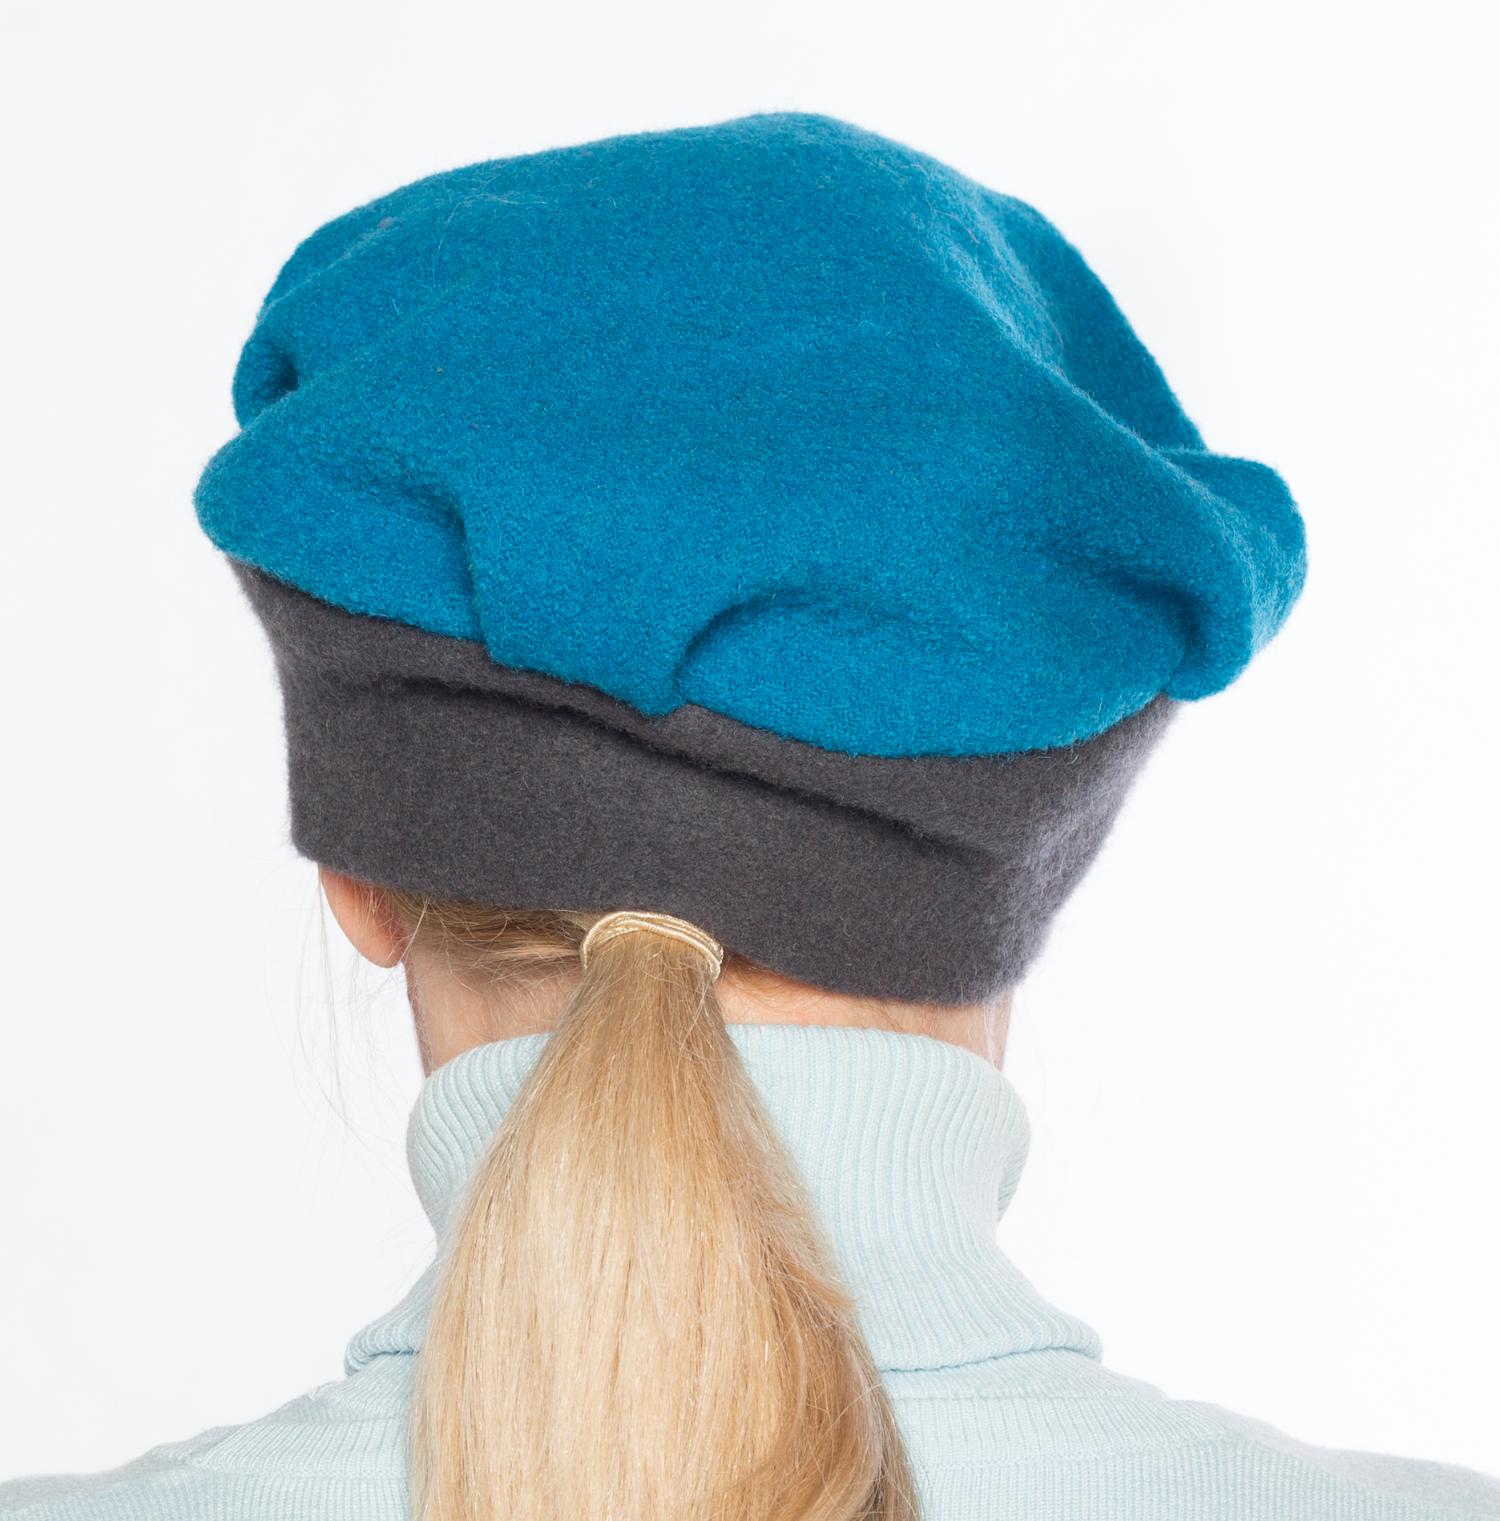 Hüte von Hand Kerstin bicolor azur-anthrazith